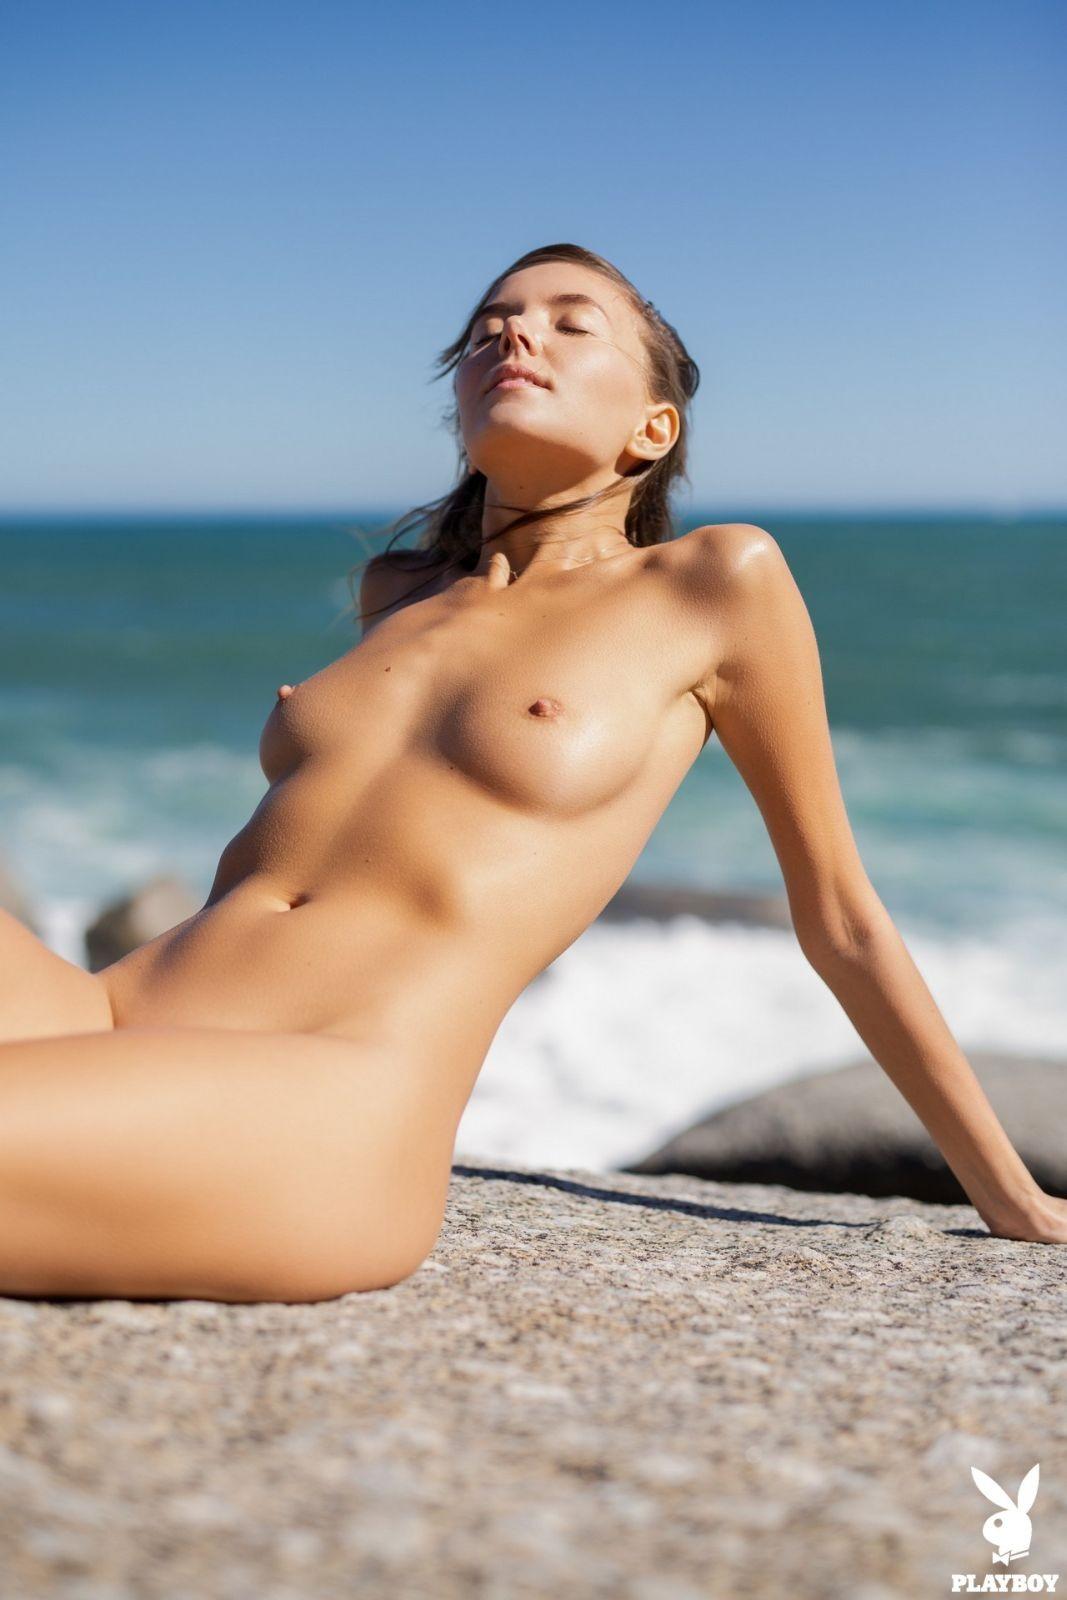 Юная особа снимает купальник на пляже - фото